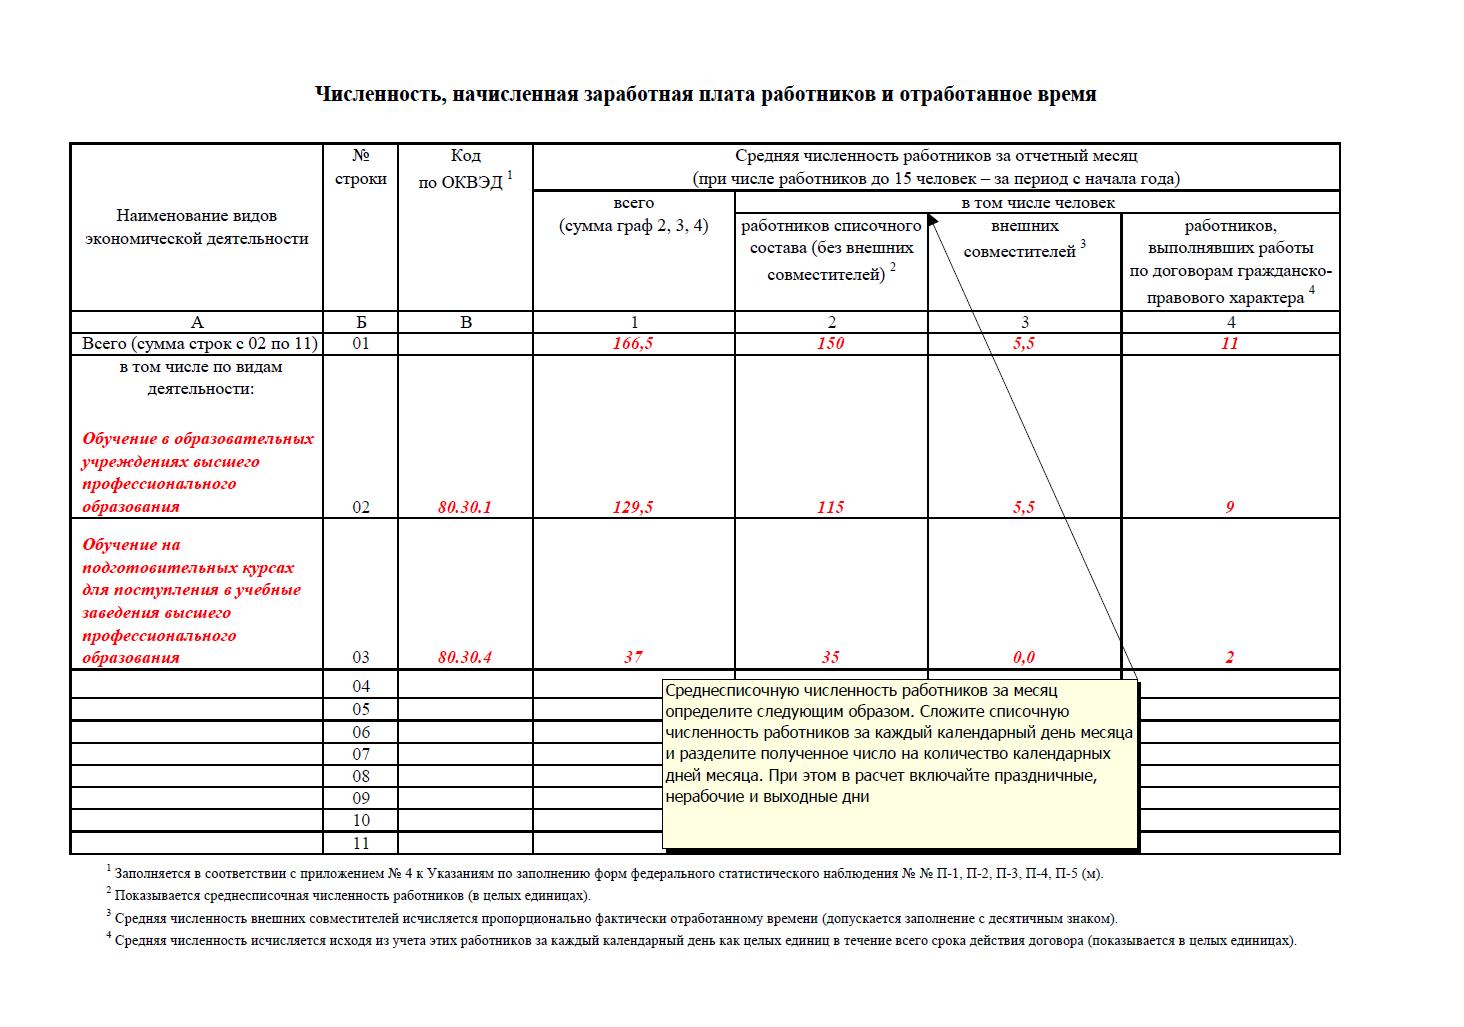 Форма П-1 Статистика 2014 инструкция по заполнению